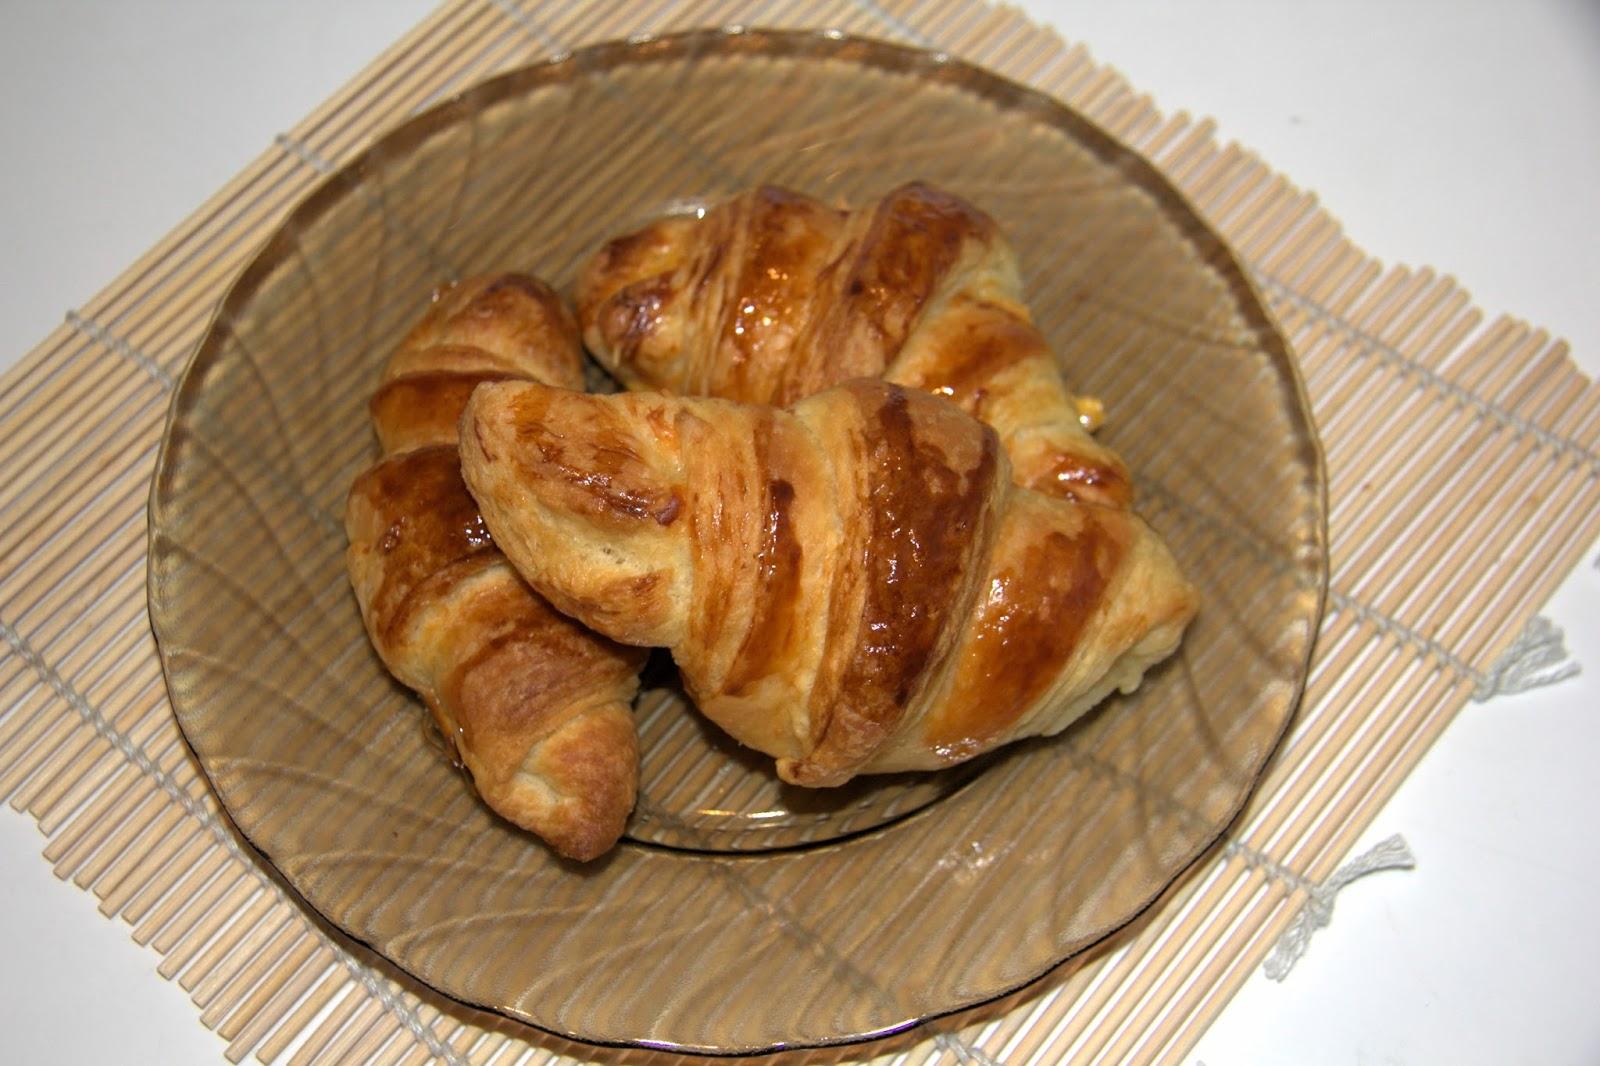 Дрожжевое слоеное тесто для круассанов пошаговый рецепт